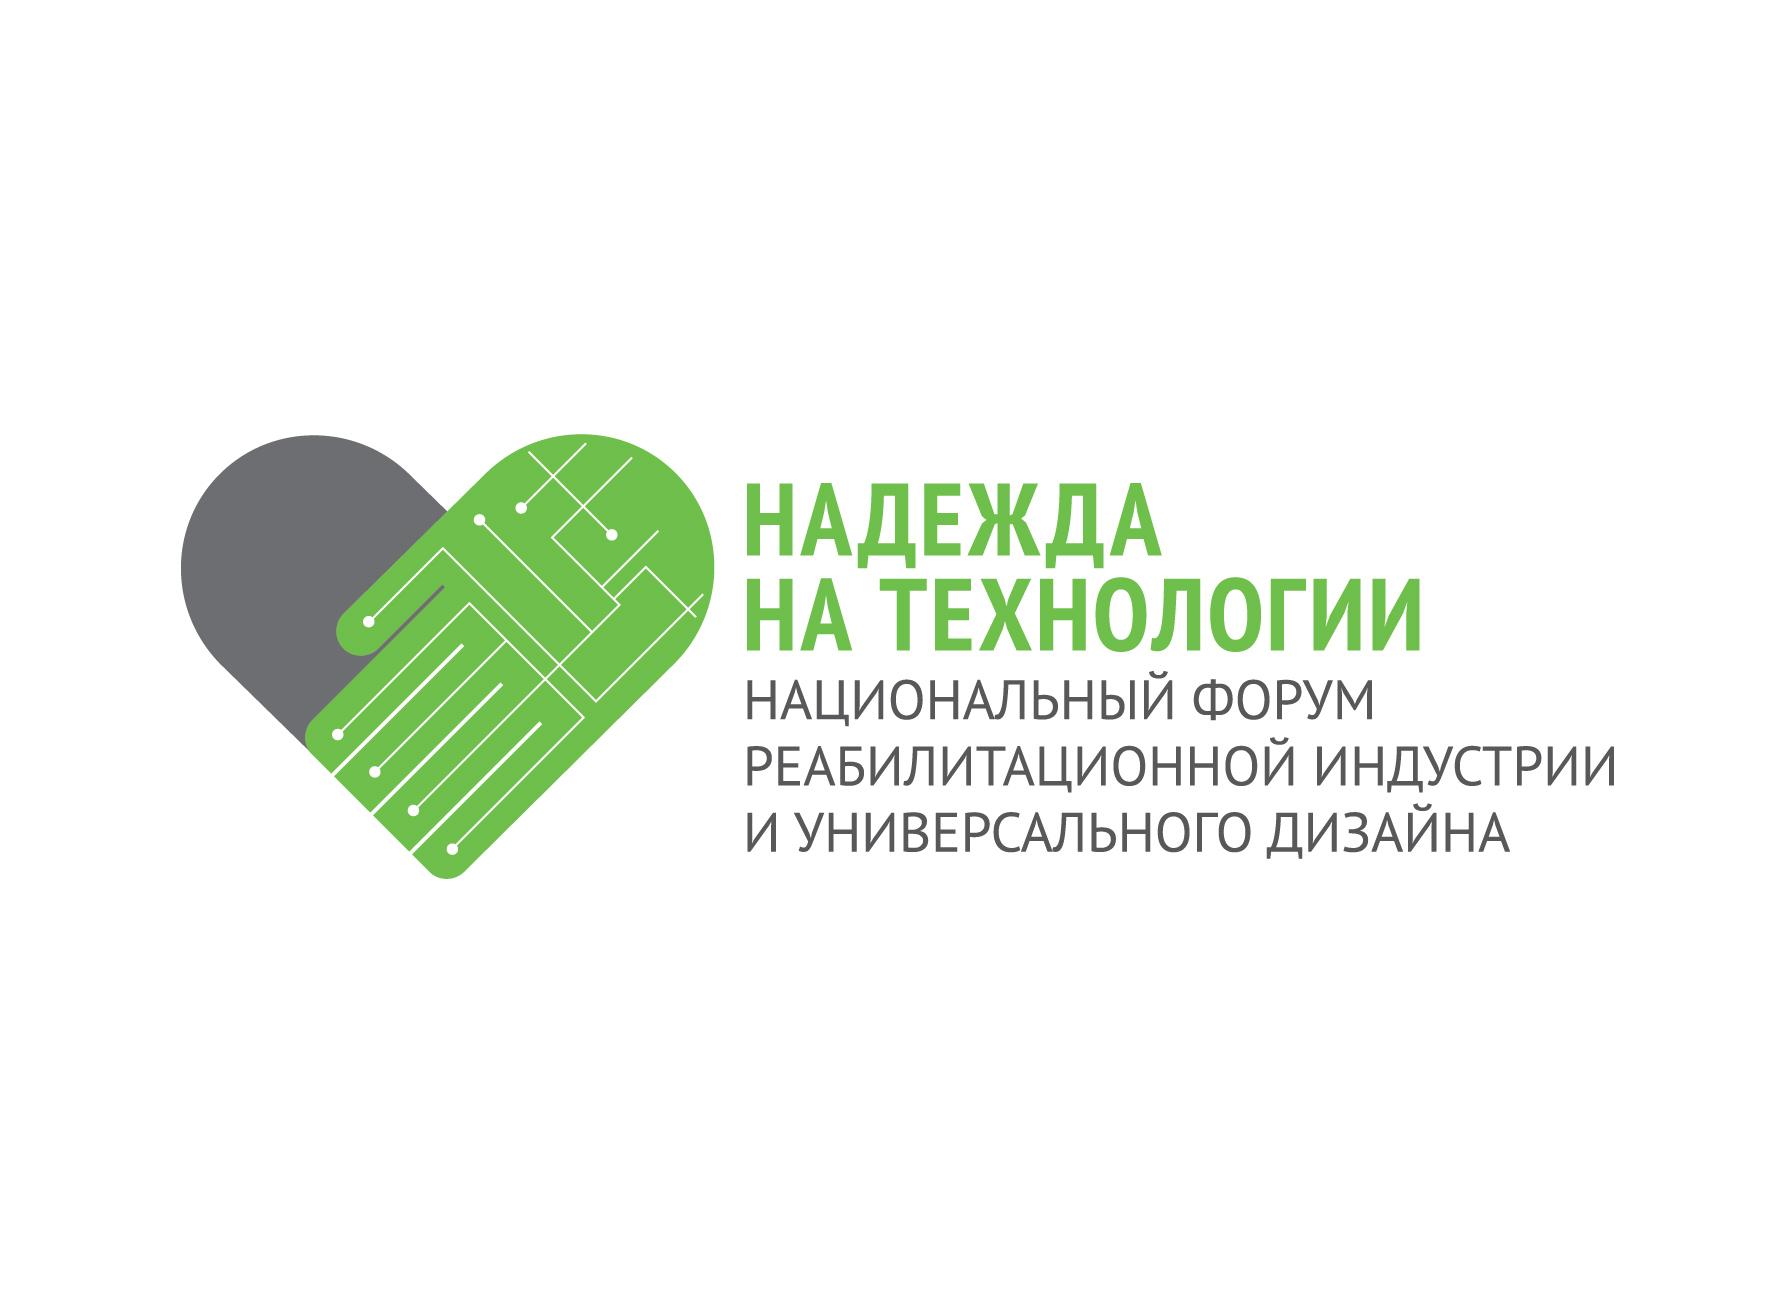 В Москве пройдет форум реабилитационной индустрии